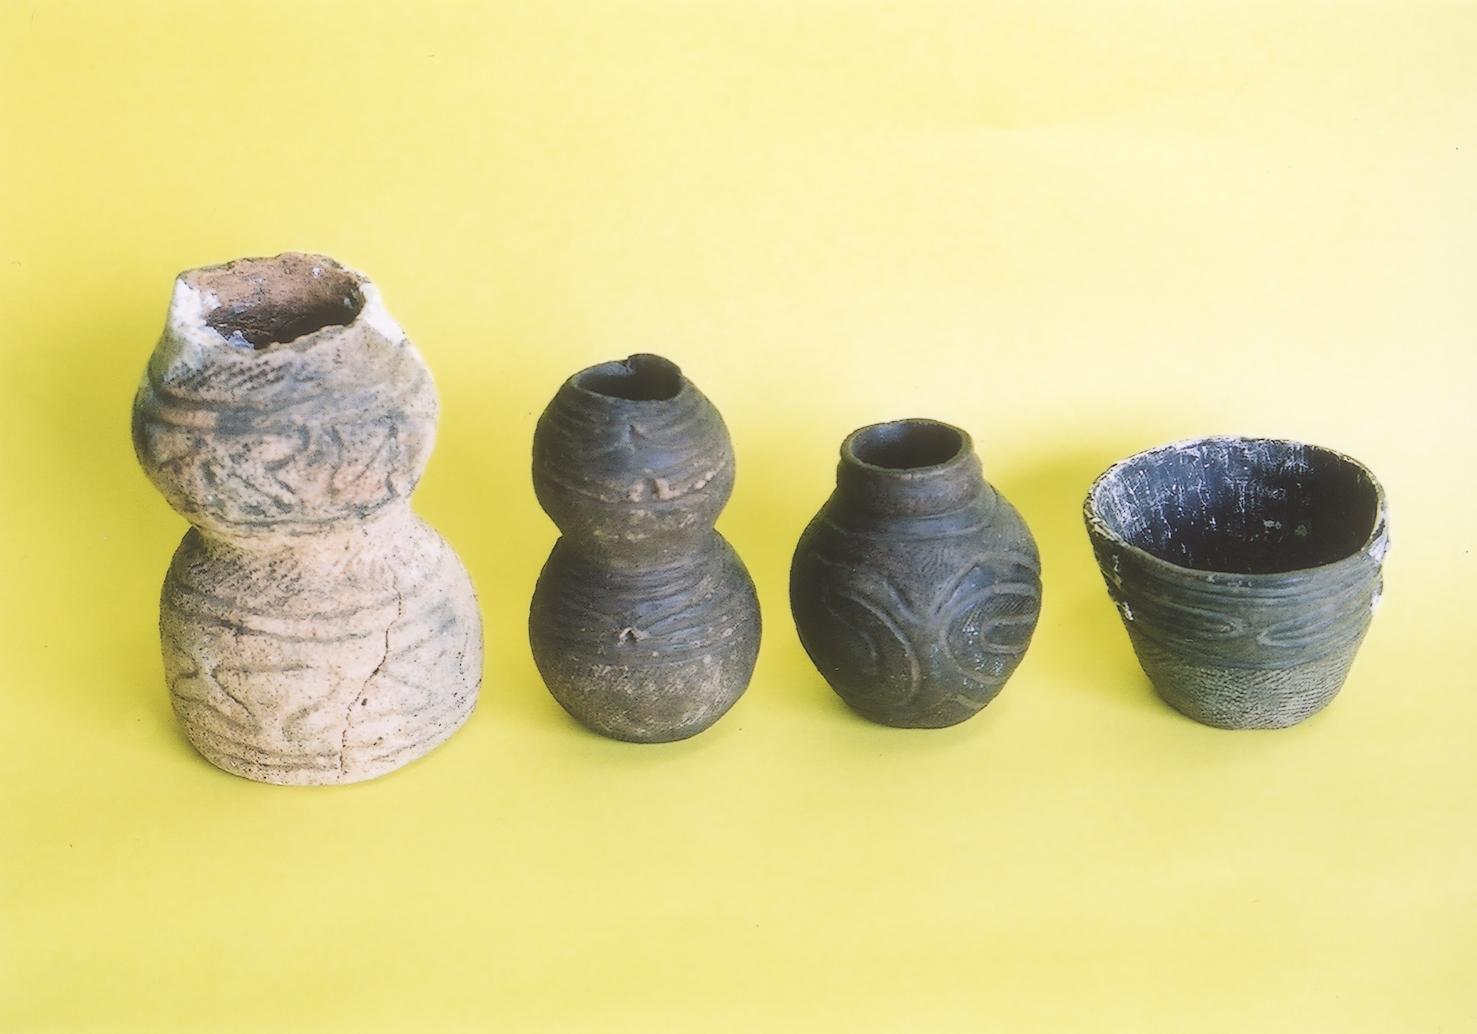 上竹野遺跡出土の土器群